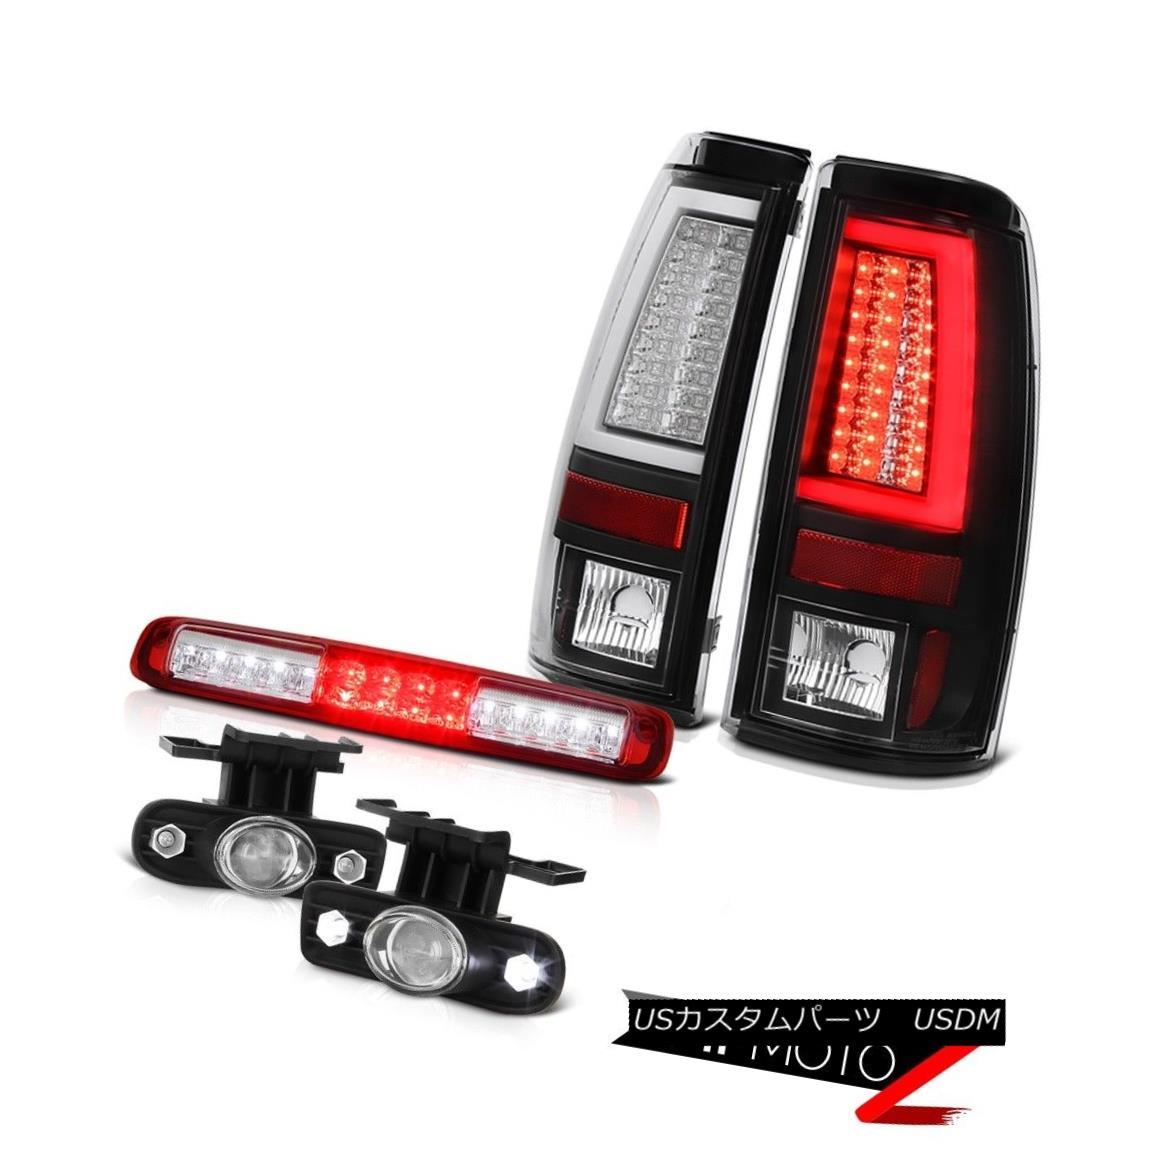 テールライト 99 00 01 02 Silverado 3500 Tail Lamps Roof Cab Light Euro Clear Fog OLED Prism 99 00 01 02 Silverado 3500テールランプルーフキャブライトユーロクリアフォグOLEDプリズム